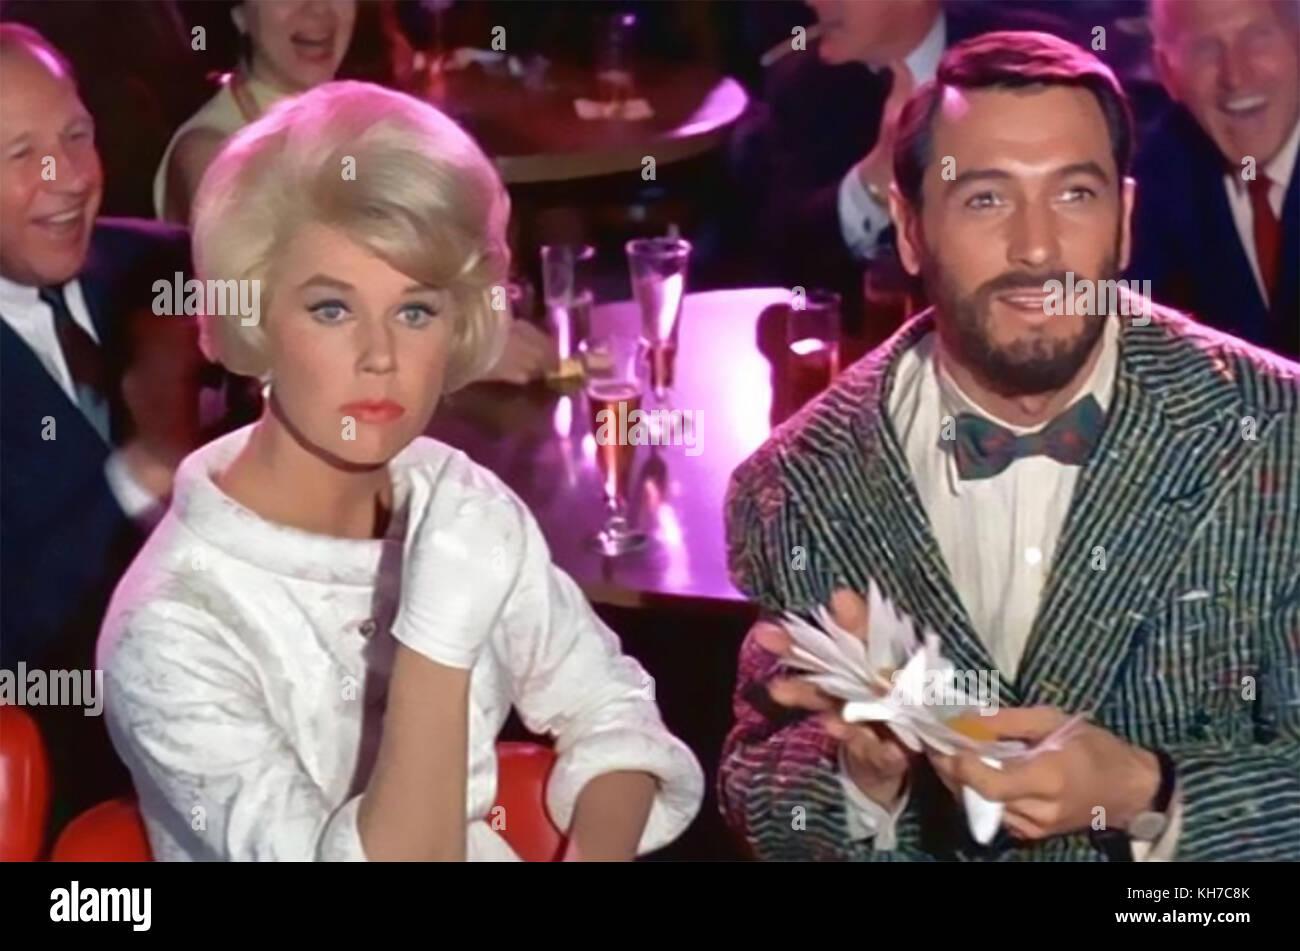 Amante tornare 1961 film universale con Doris Day e Rock Hudson Immagini Stock